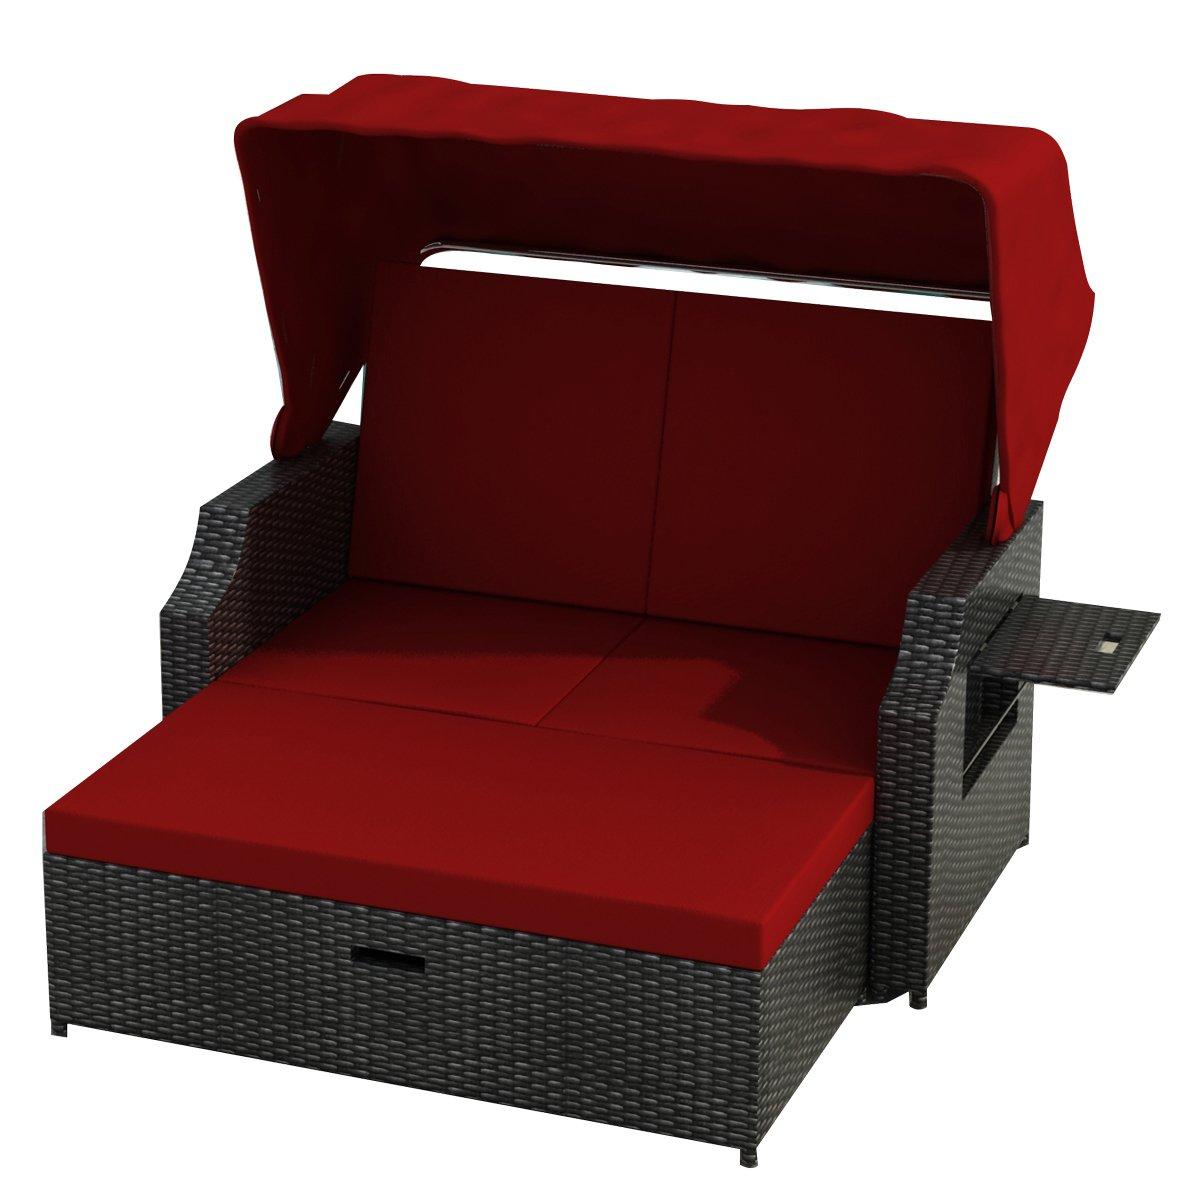 standkorb cuxhaven schwarz rot polyrattan aluminium rattan garten moebel gartenausstattung von. Black Bedroom Furniture Sets. Home Design Ideas